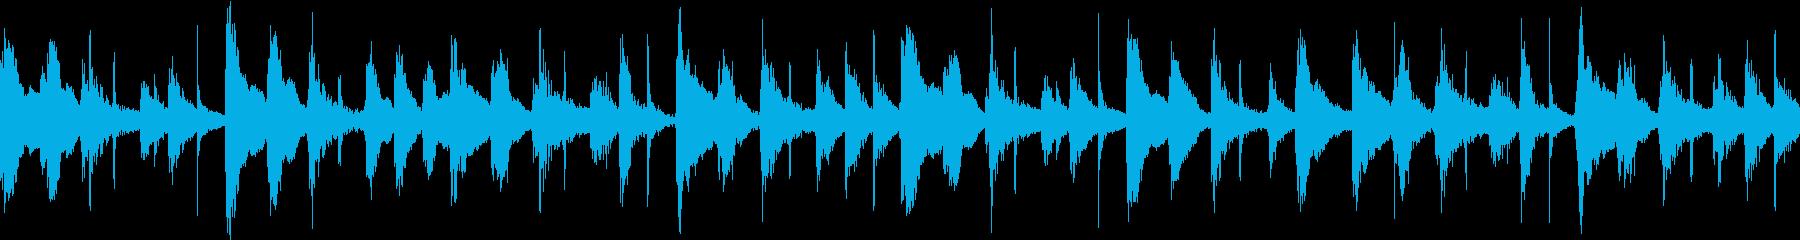 ストリングピッチカートの短い曲の再生済みの波形